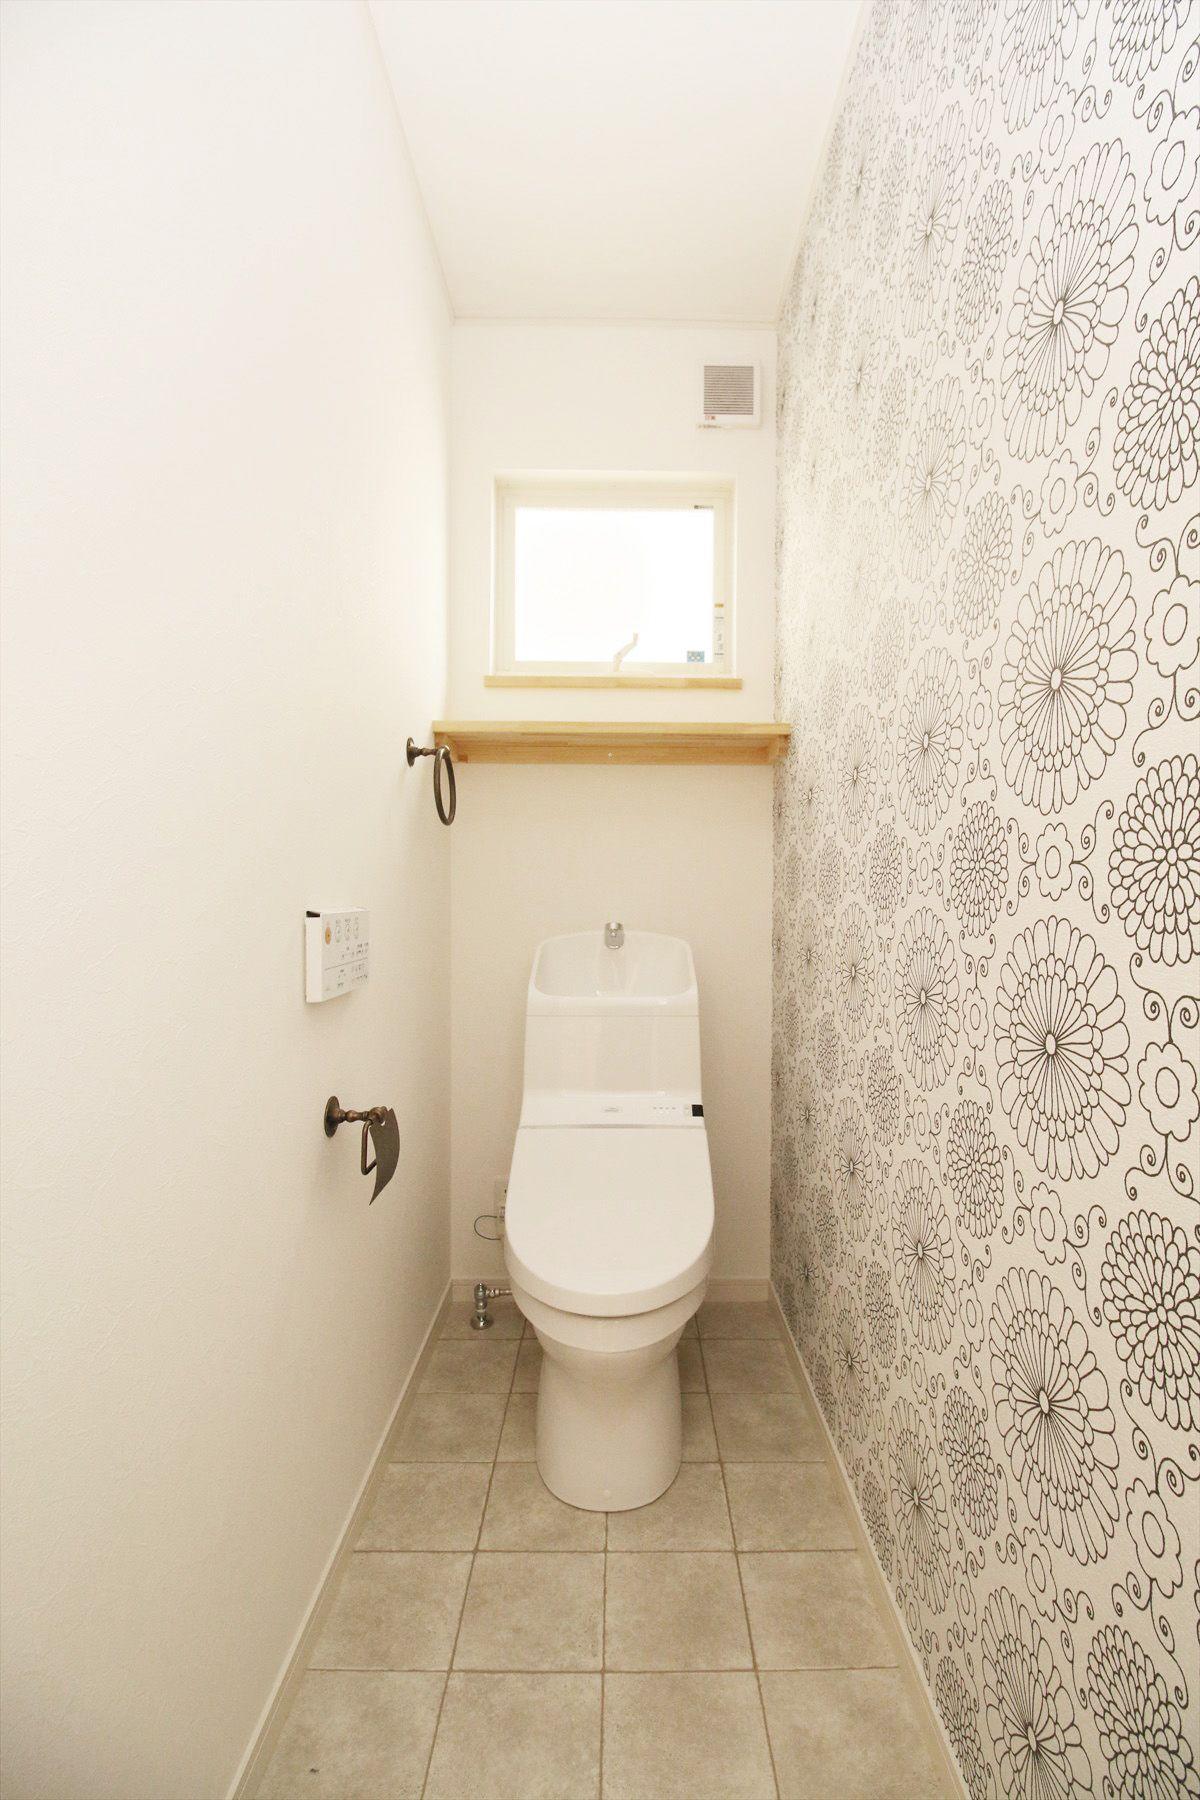 トイレ/サニタリー/注文住宅/インテリア/ジャストの家/toilet/restroom ...